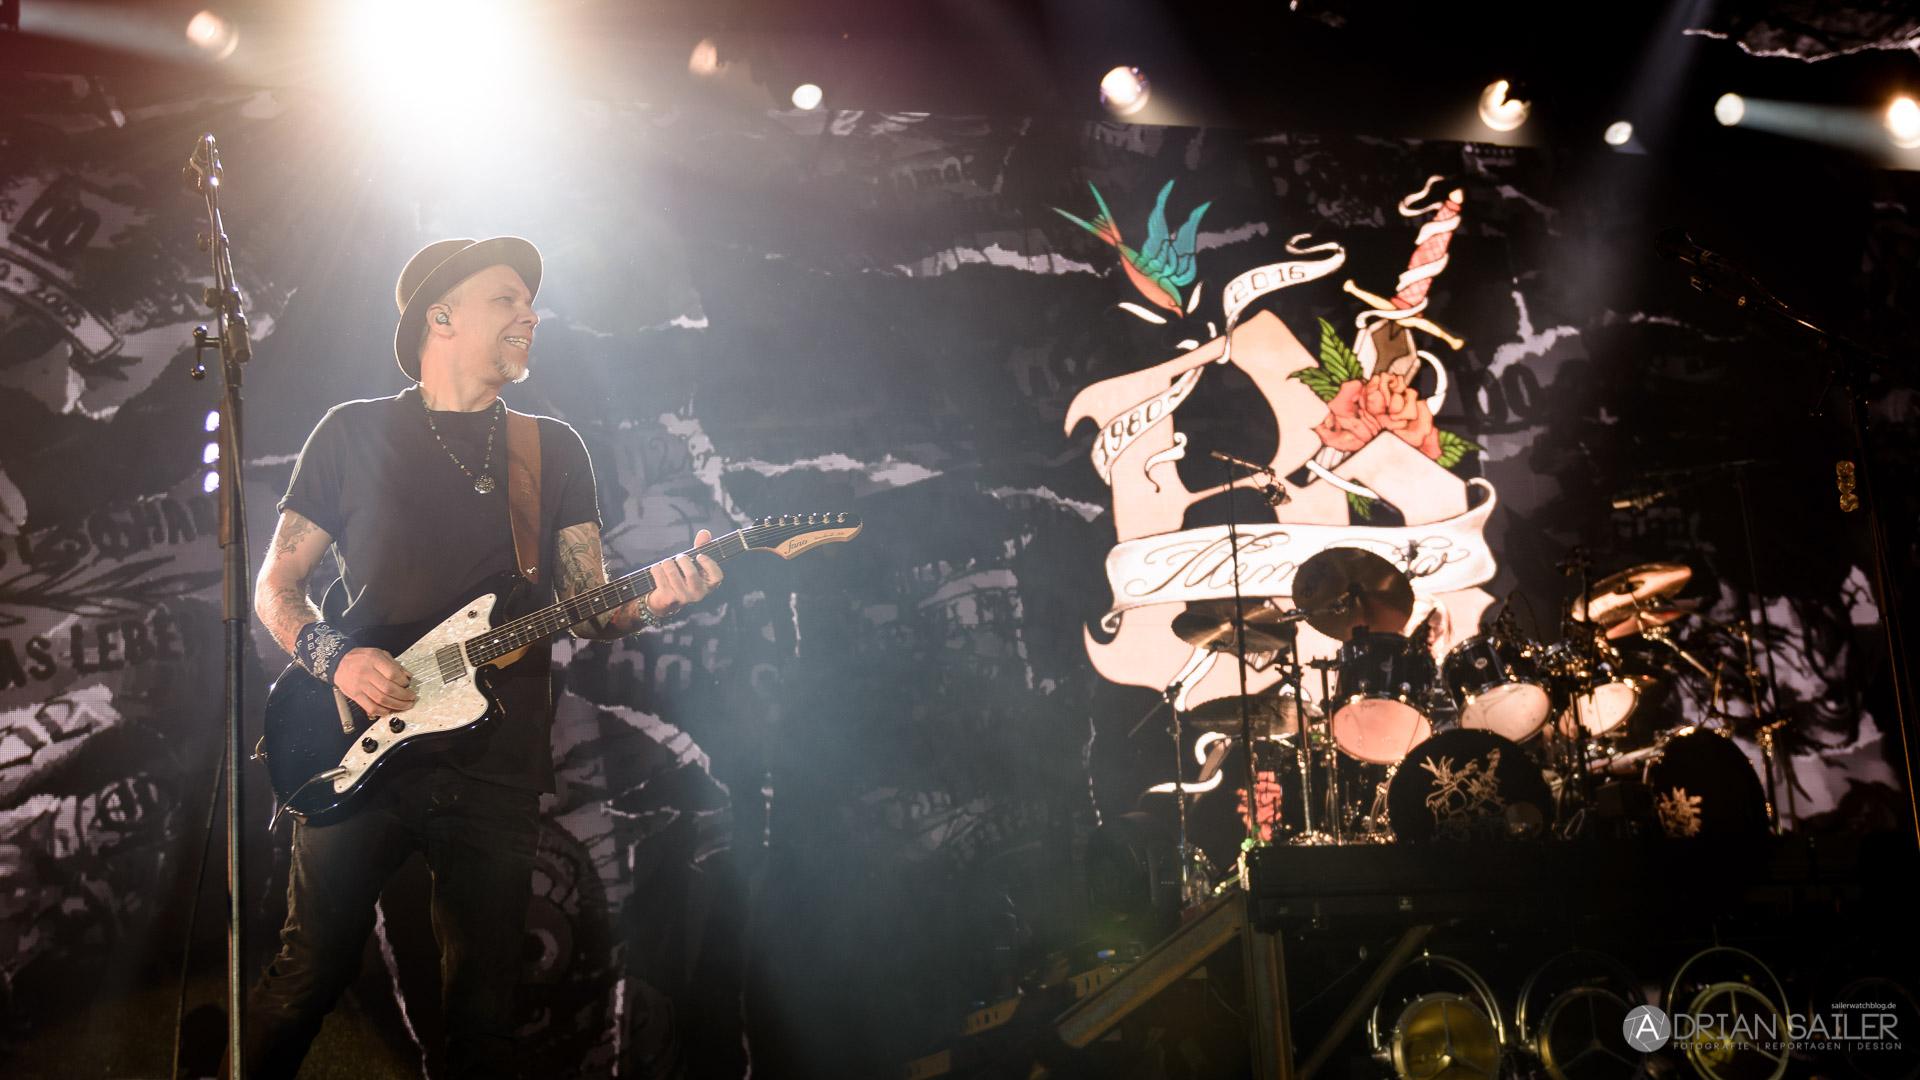 Böhse Onkelz – Memento Tour <br> Hans-Martin Schleyerhalle 27.11.2016